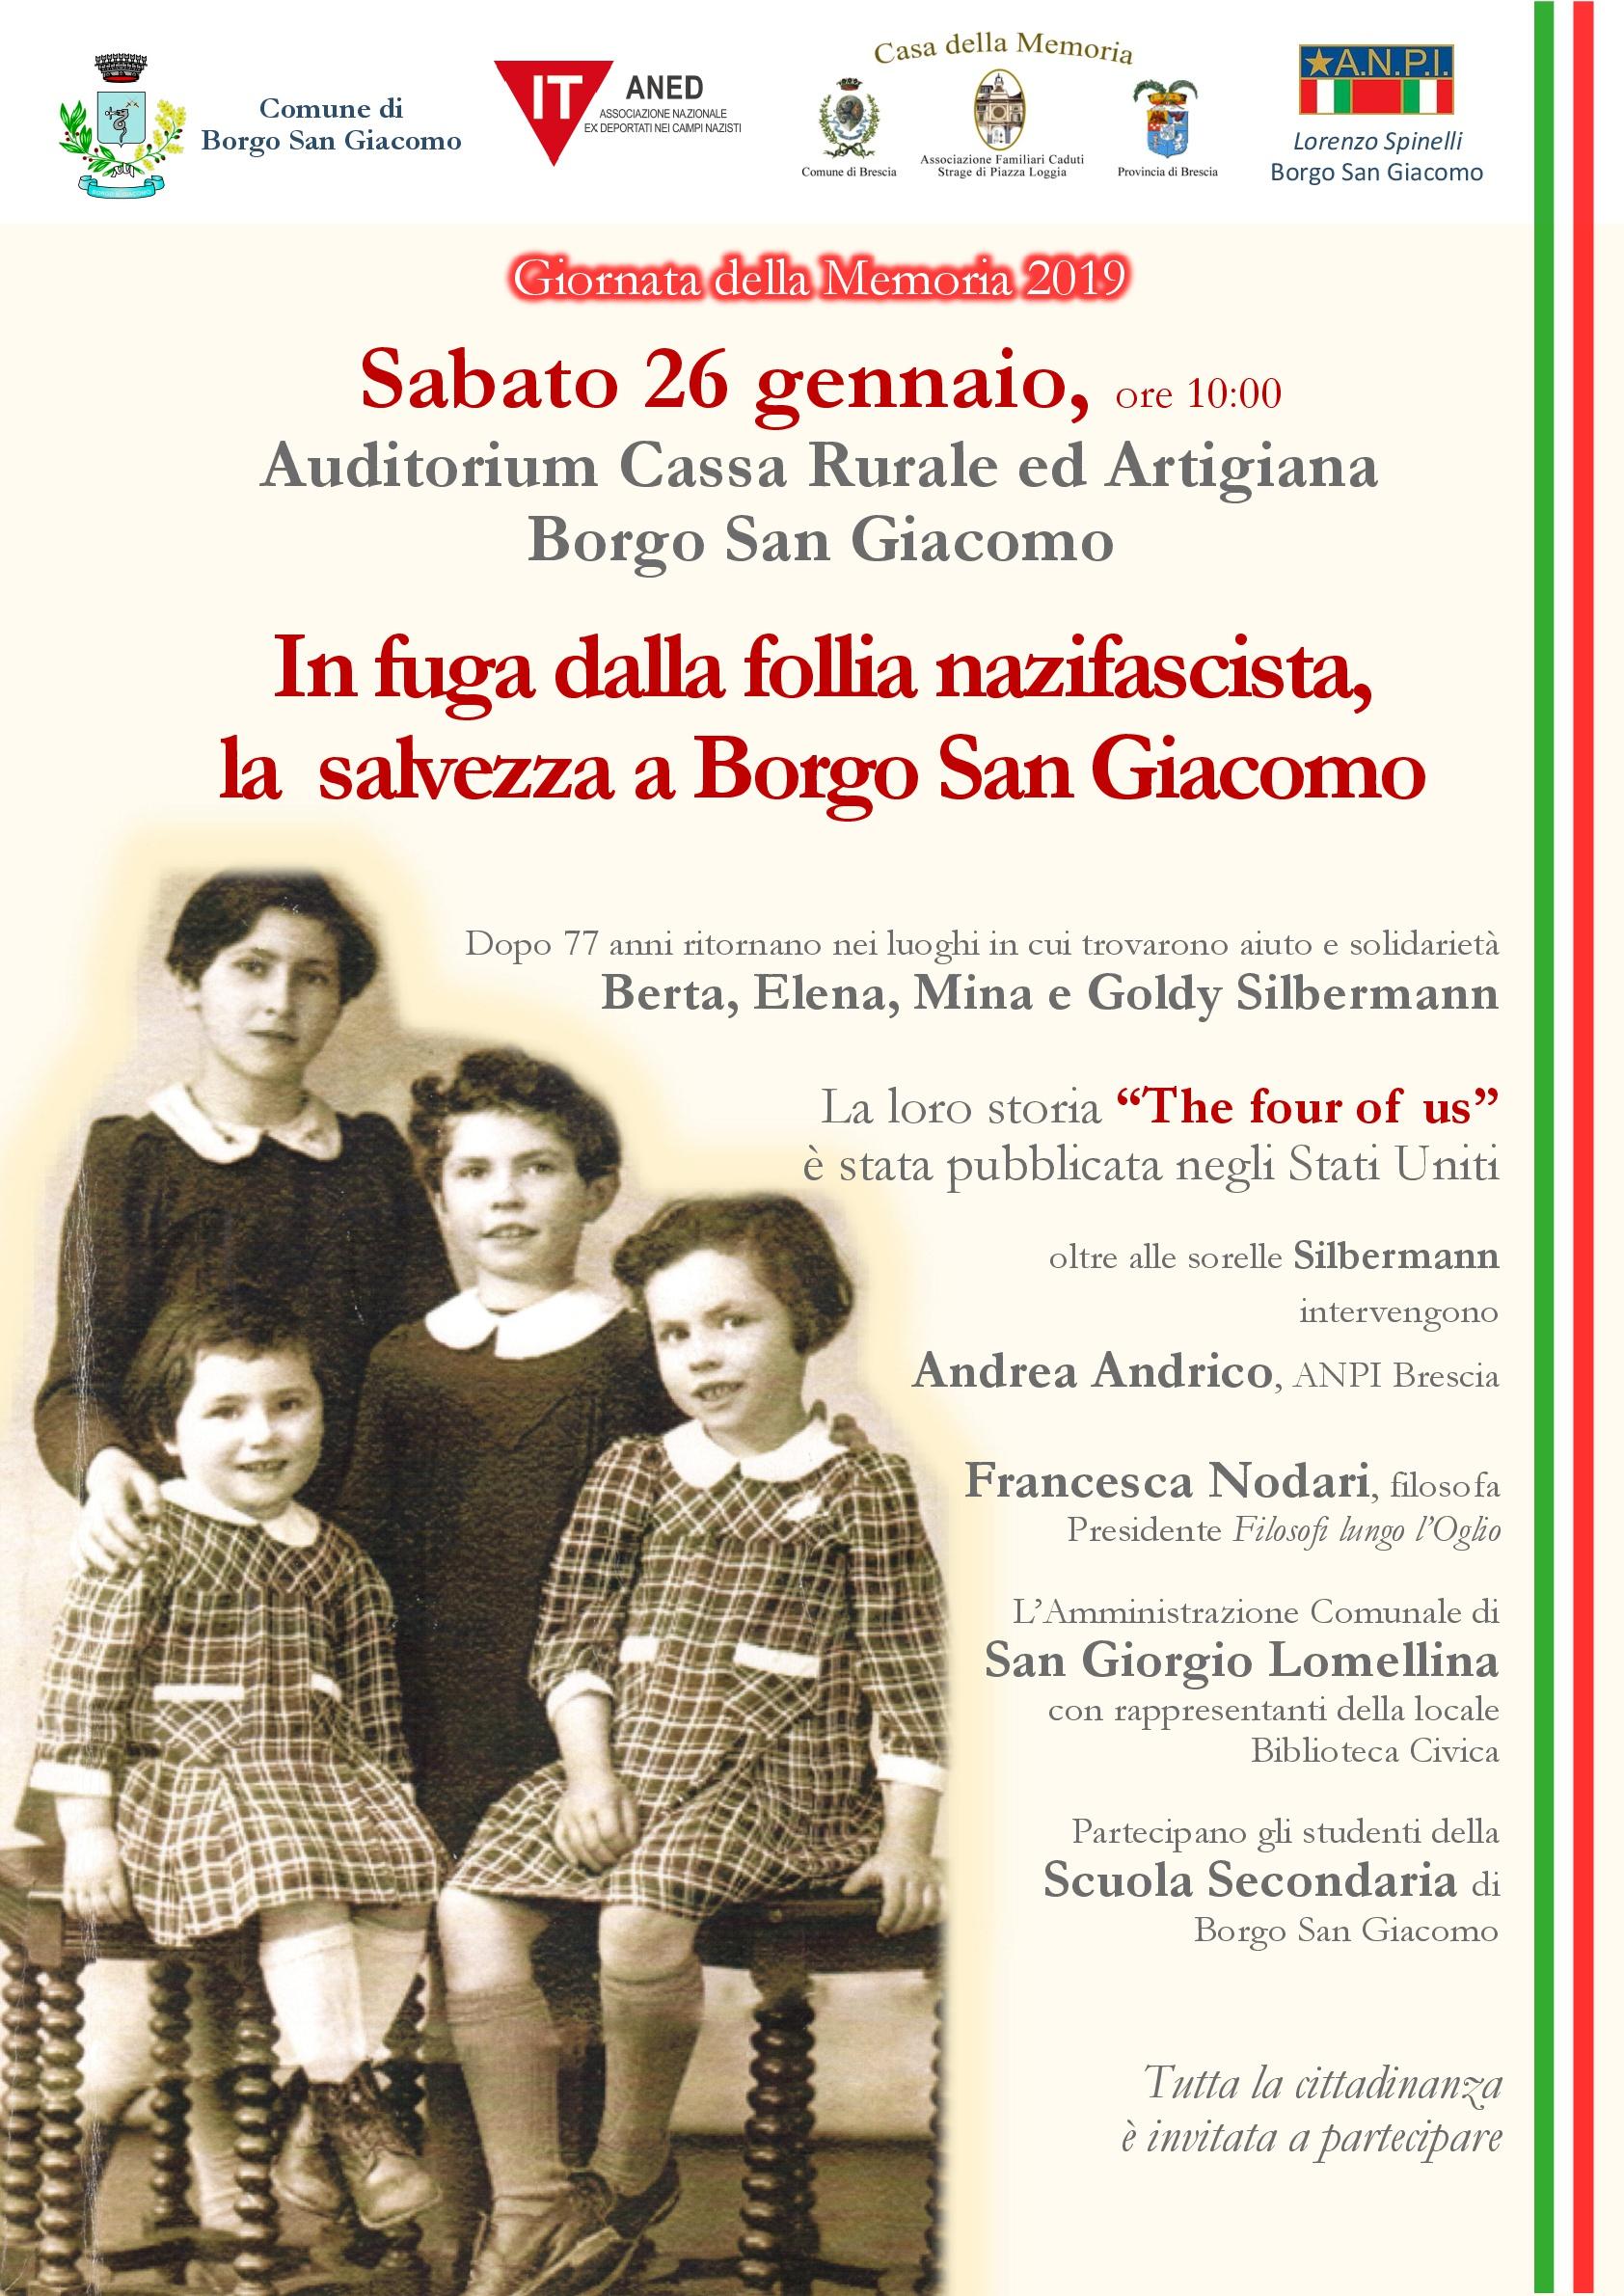 fuga follia nazista 26 gen 19 x Borgo S.G..-001